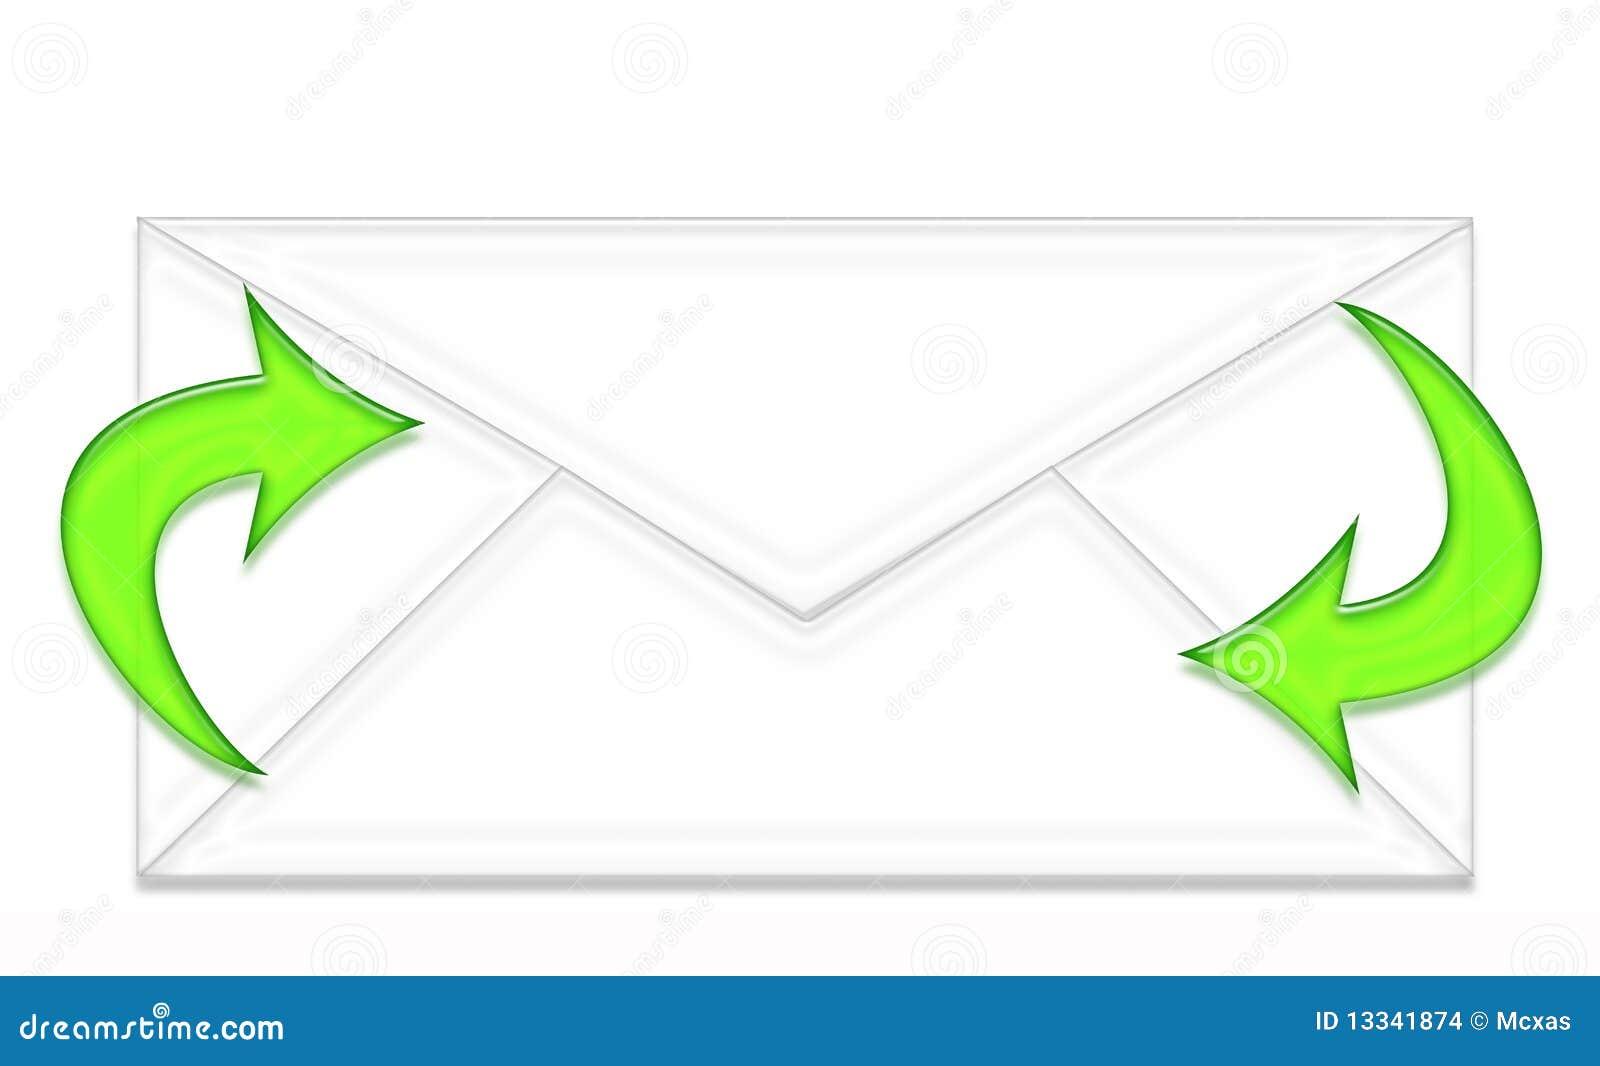 Pilkuvertgreen två